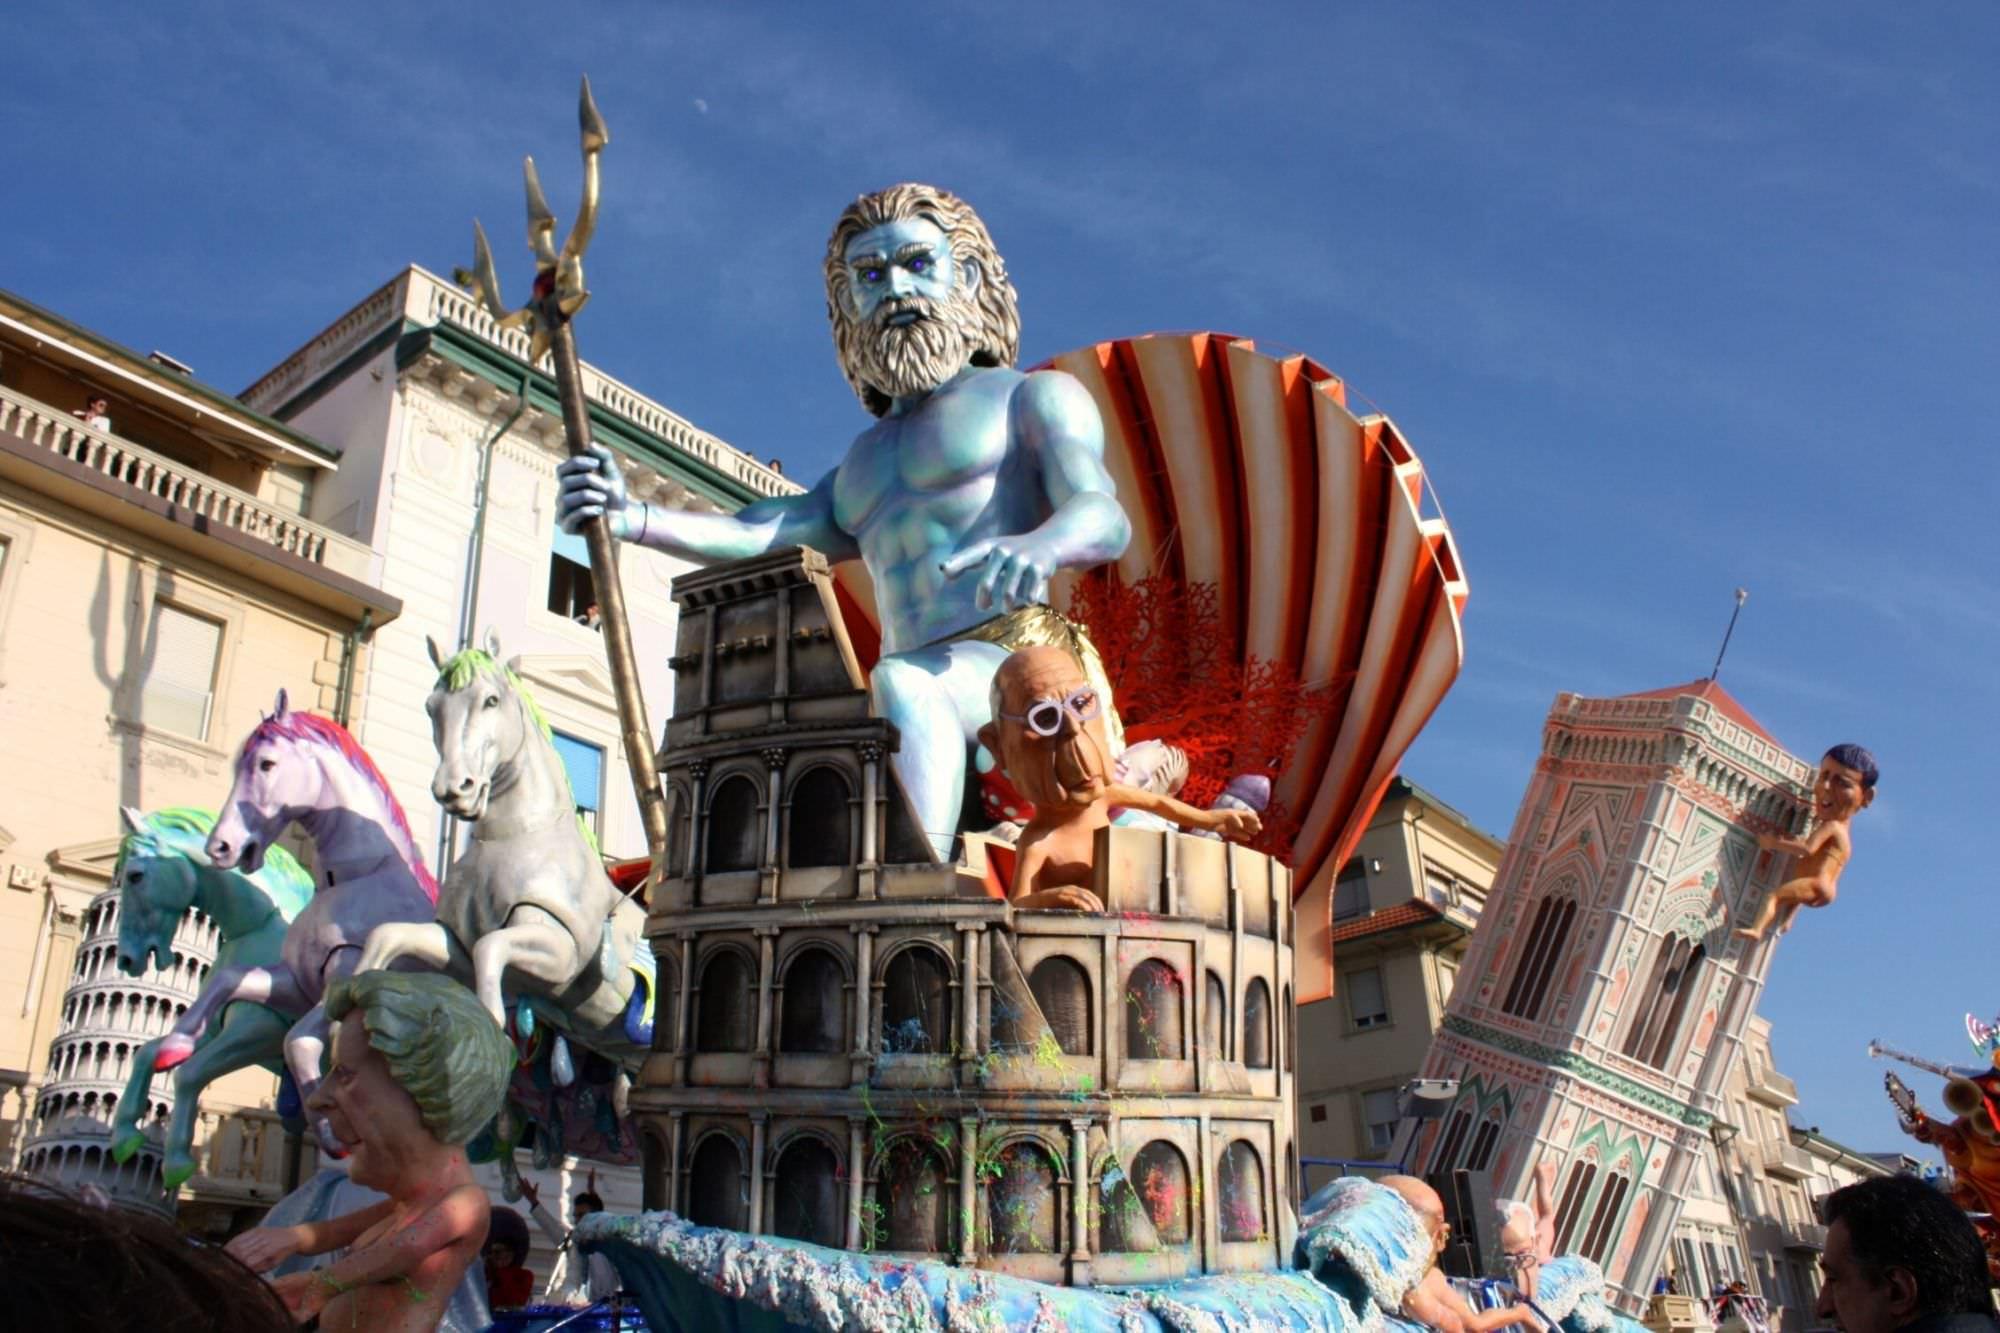 Dalla giunta regionale via libera alla nomina di Pozzoli alla Fondazione Carnevale